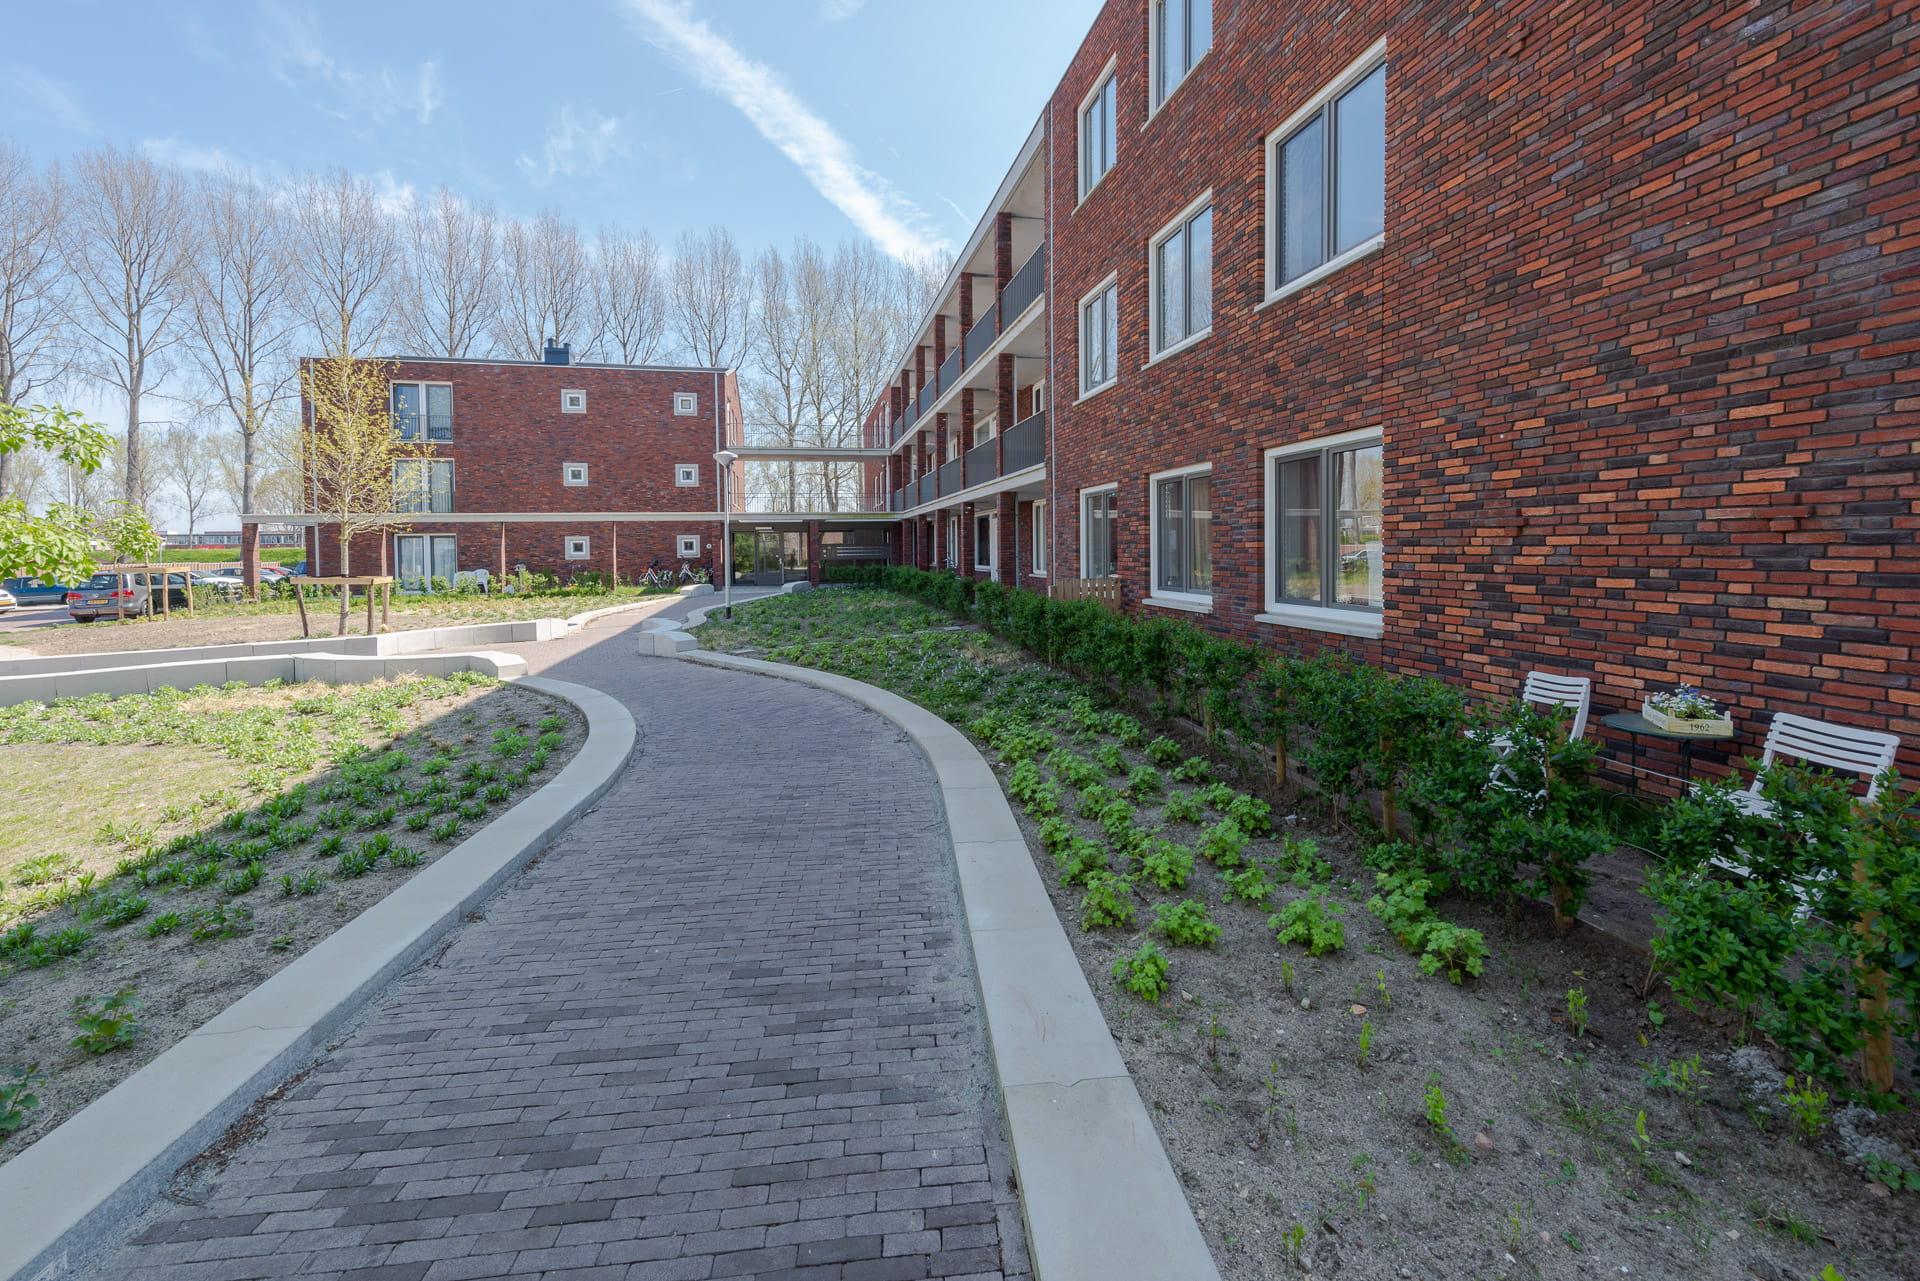 Roodbruin gebouw naast een slingerend pad met op de achtergrond nog een gebouw en bomen